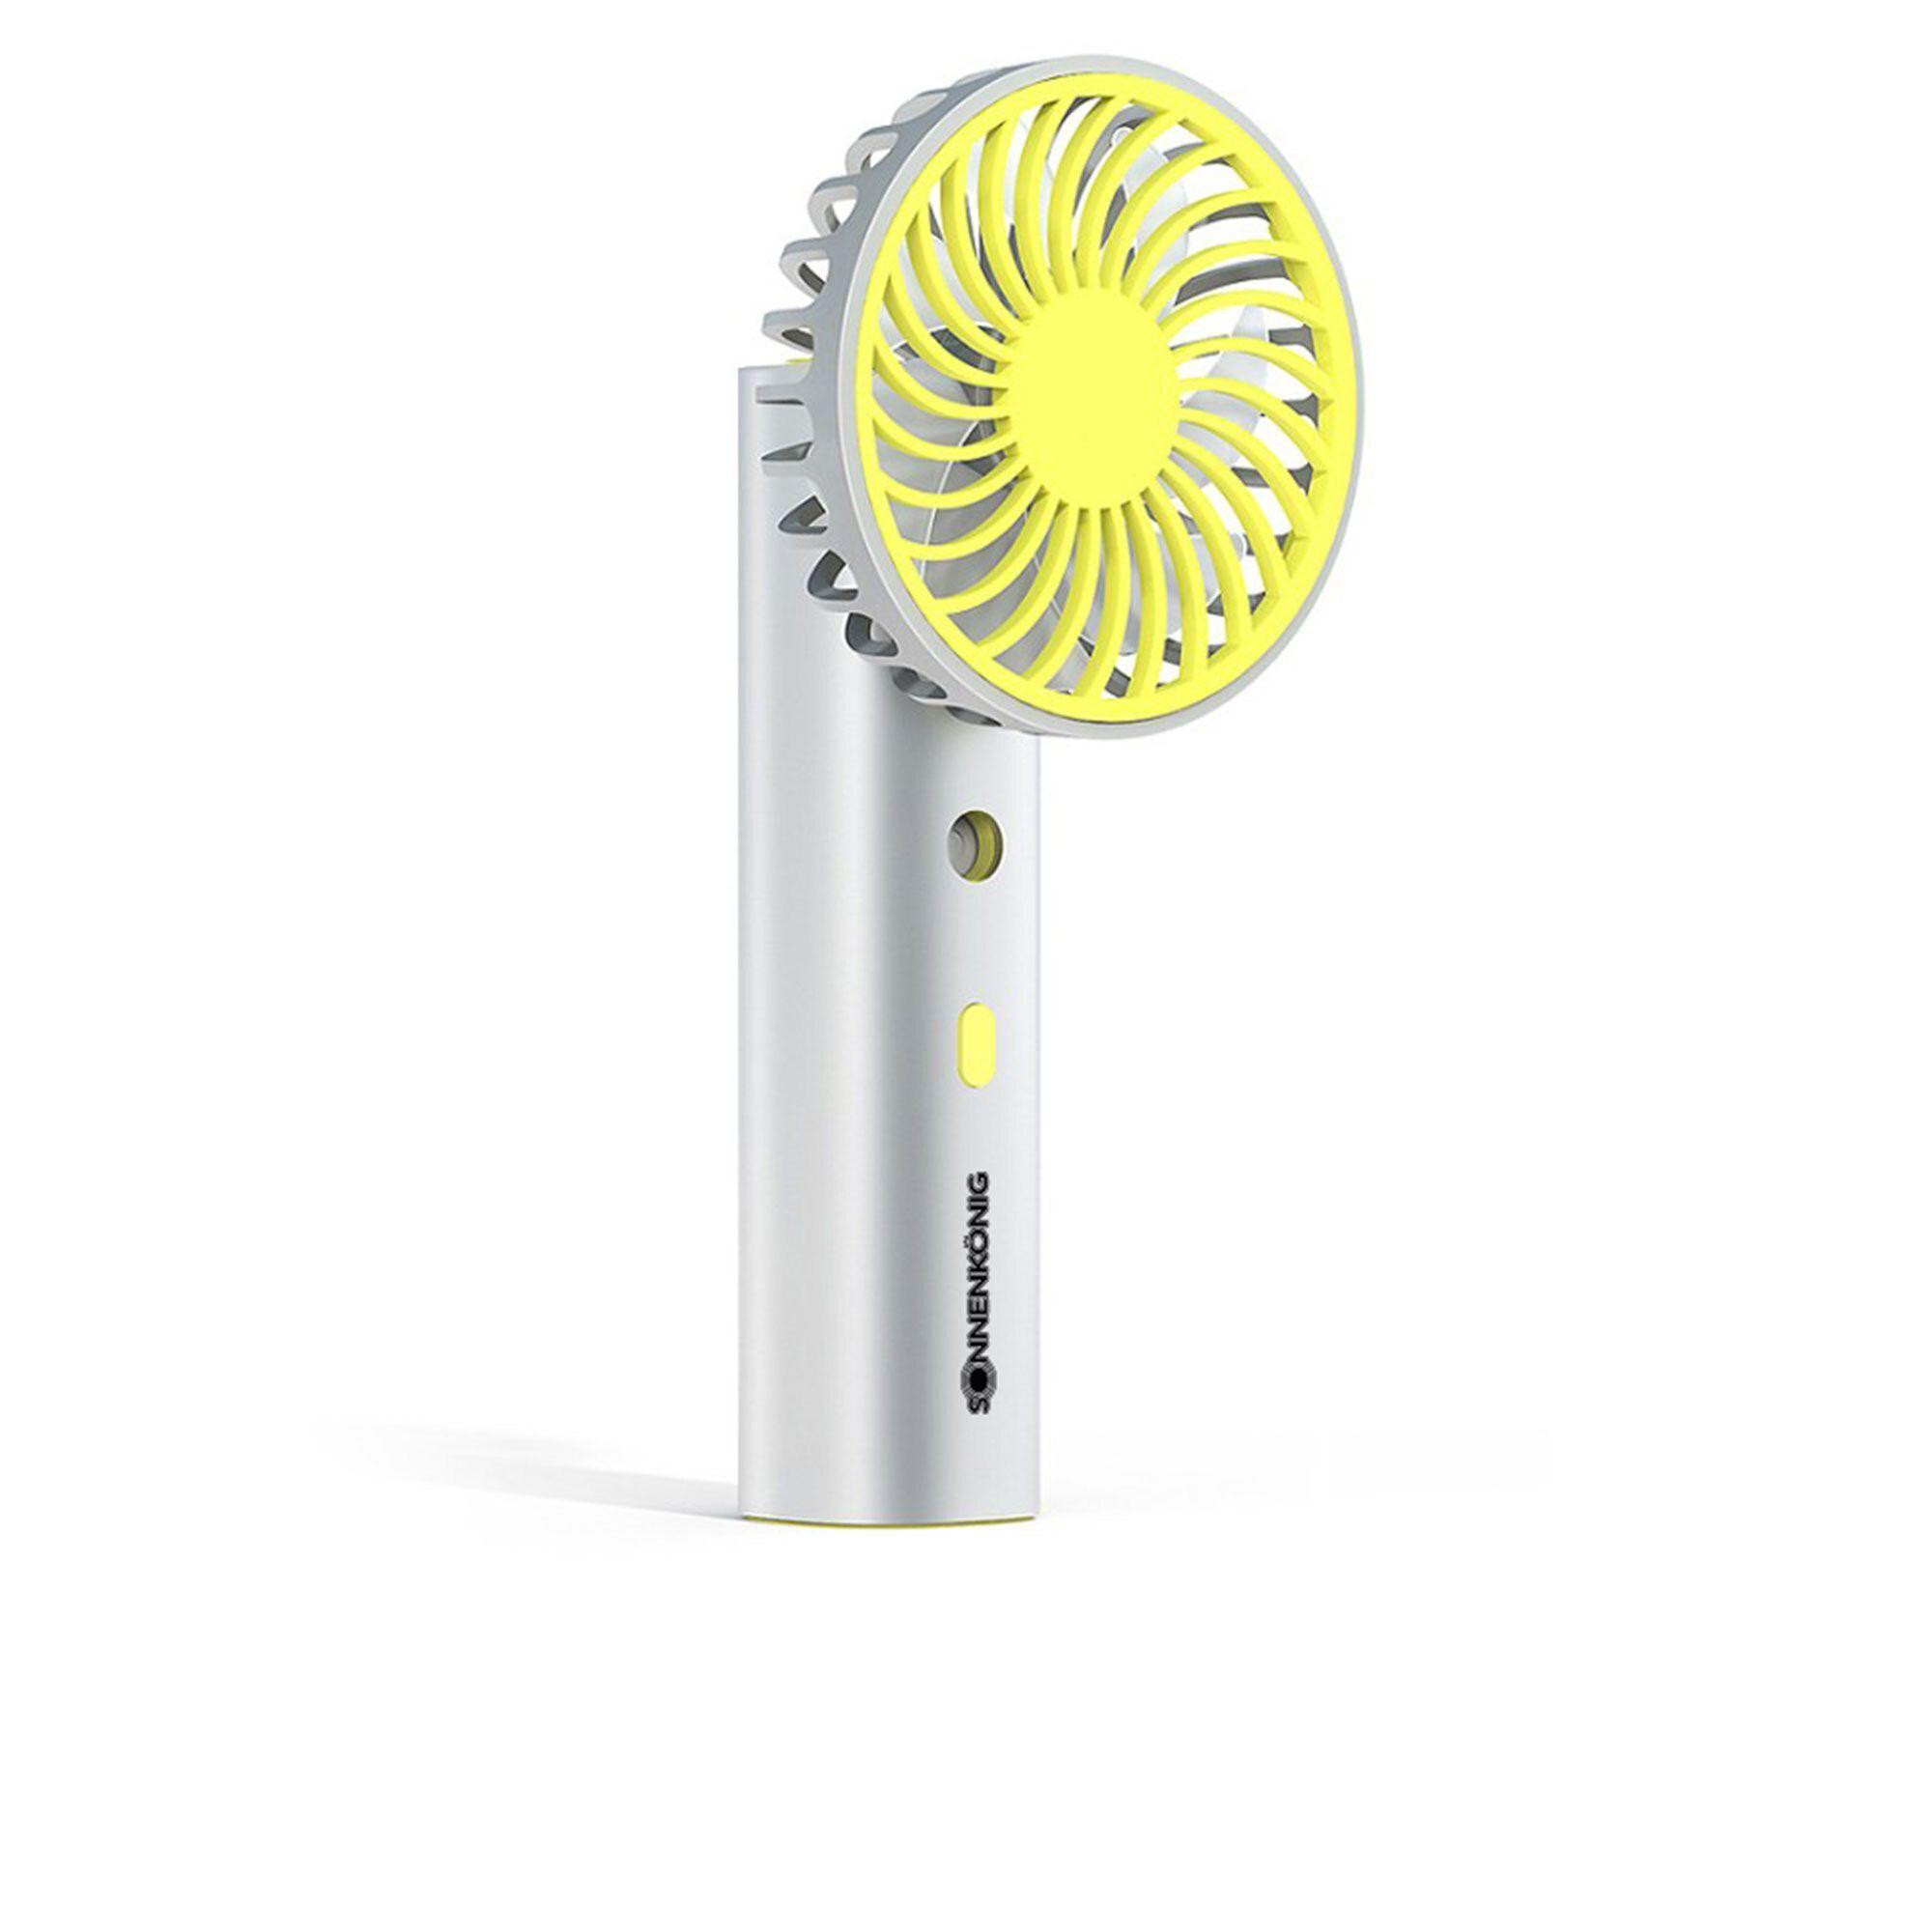 sonnenkönig air fresh mini ventilatore portatile con nebulizzatore